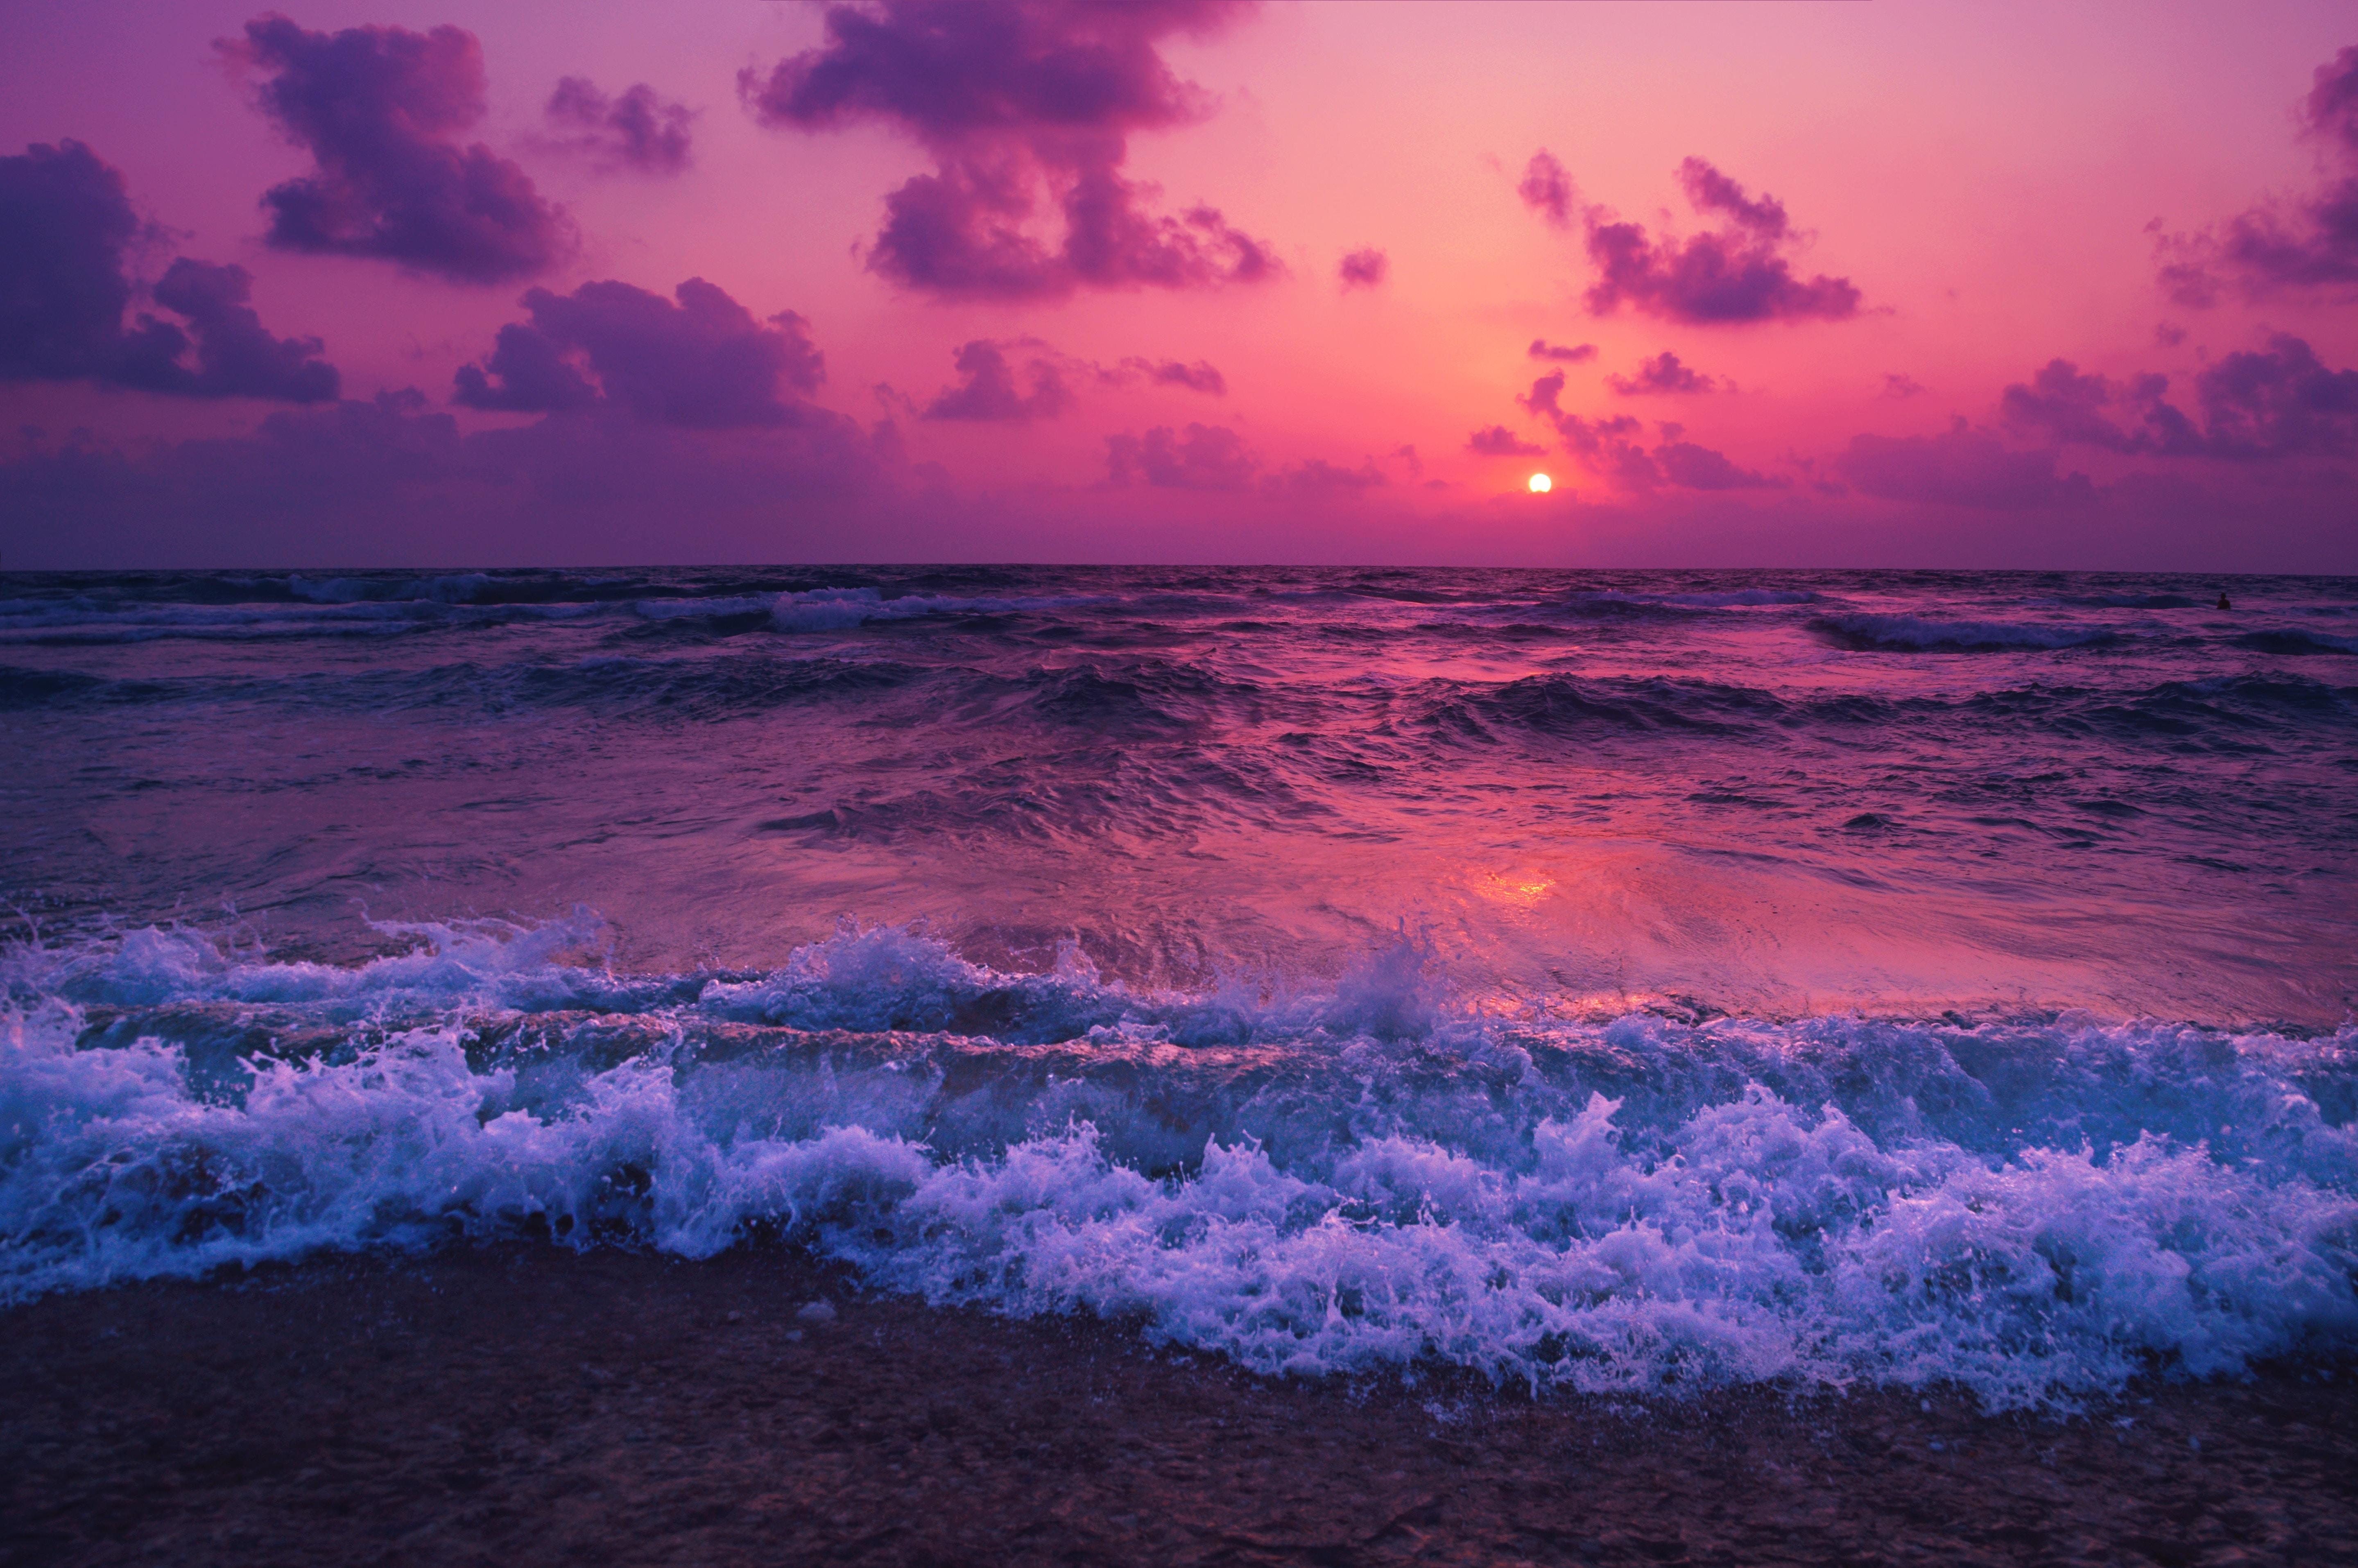 118836 скачать обои Закат, Природа, Облака, Море, Горизонт, Пена, Прибой - заставки и картинки бесплатно